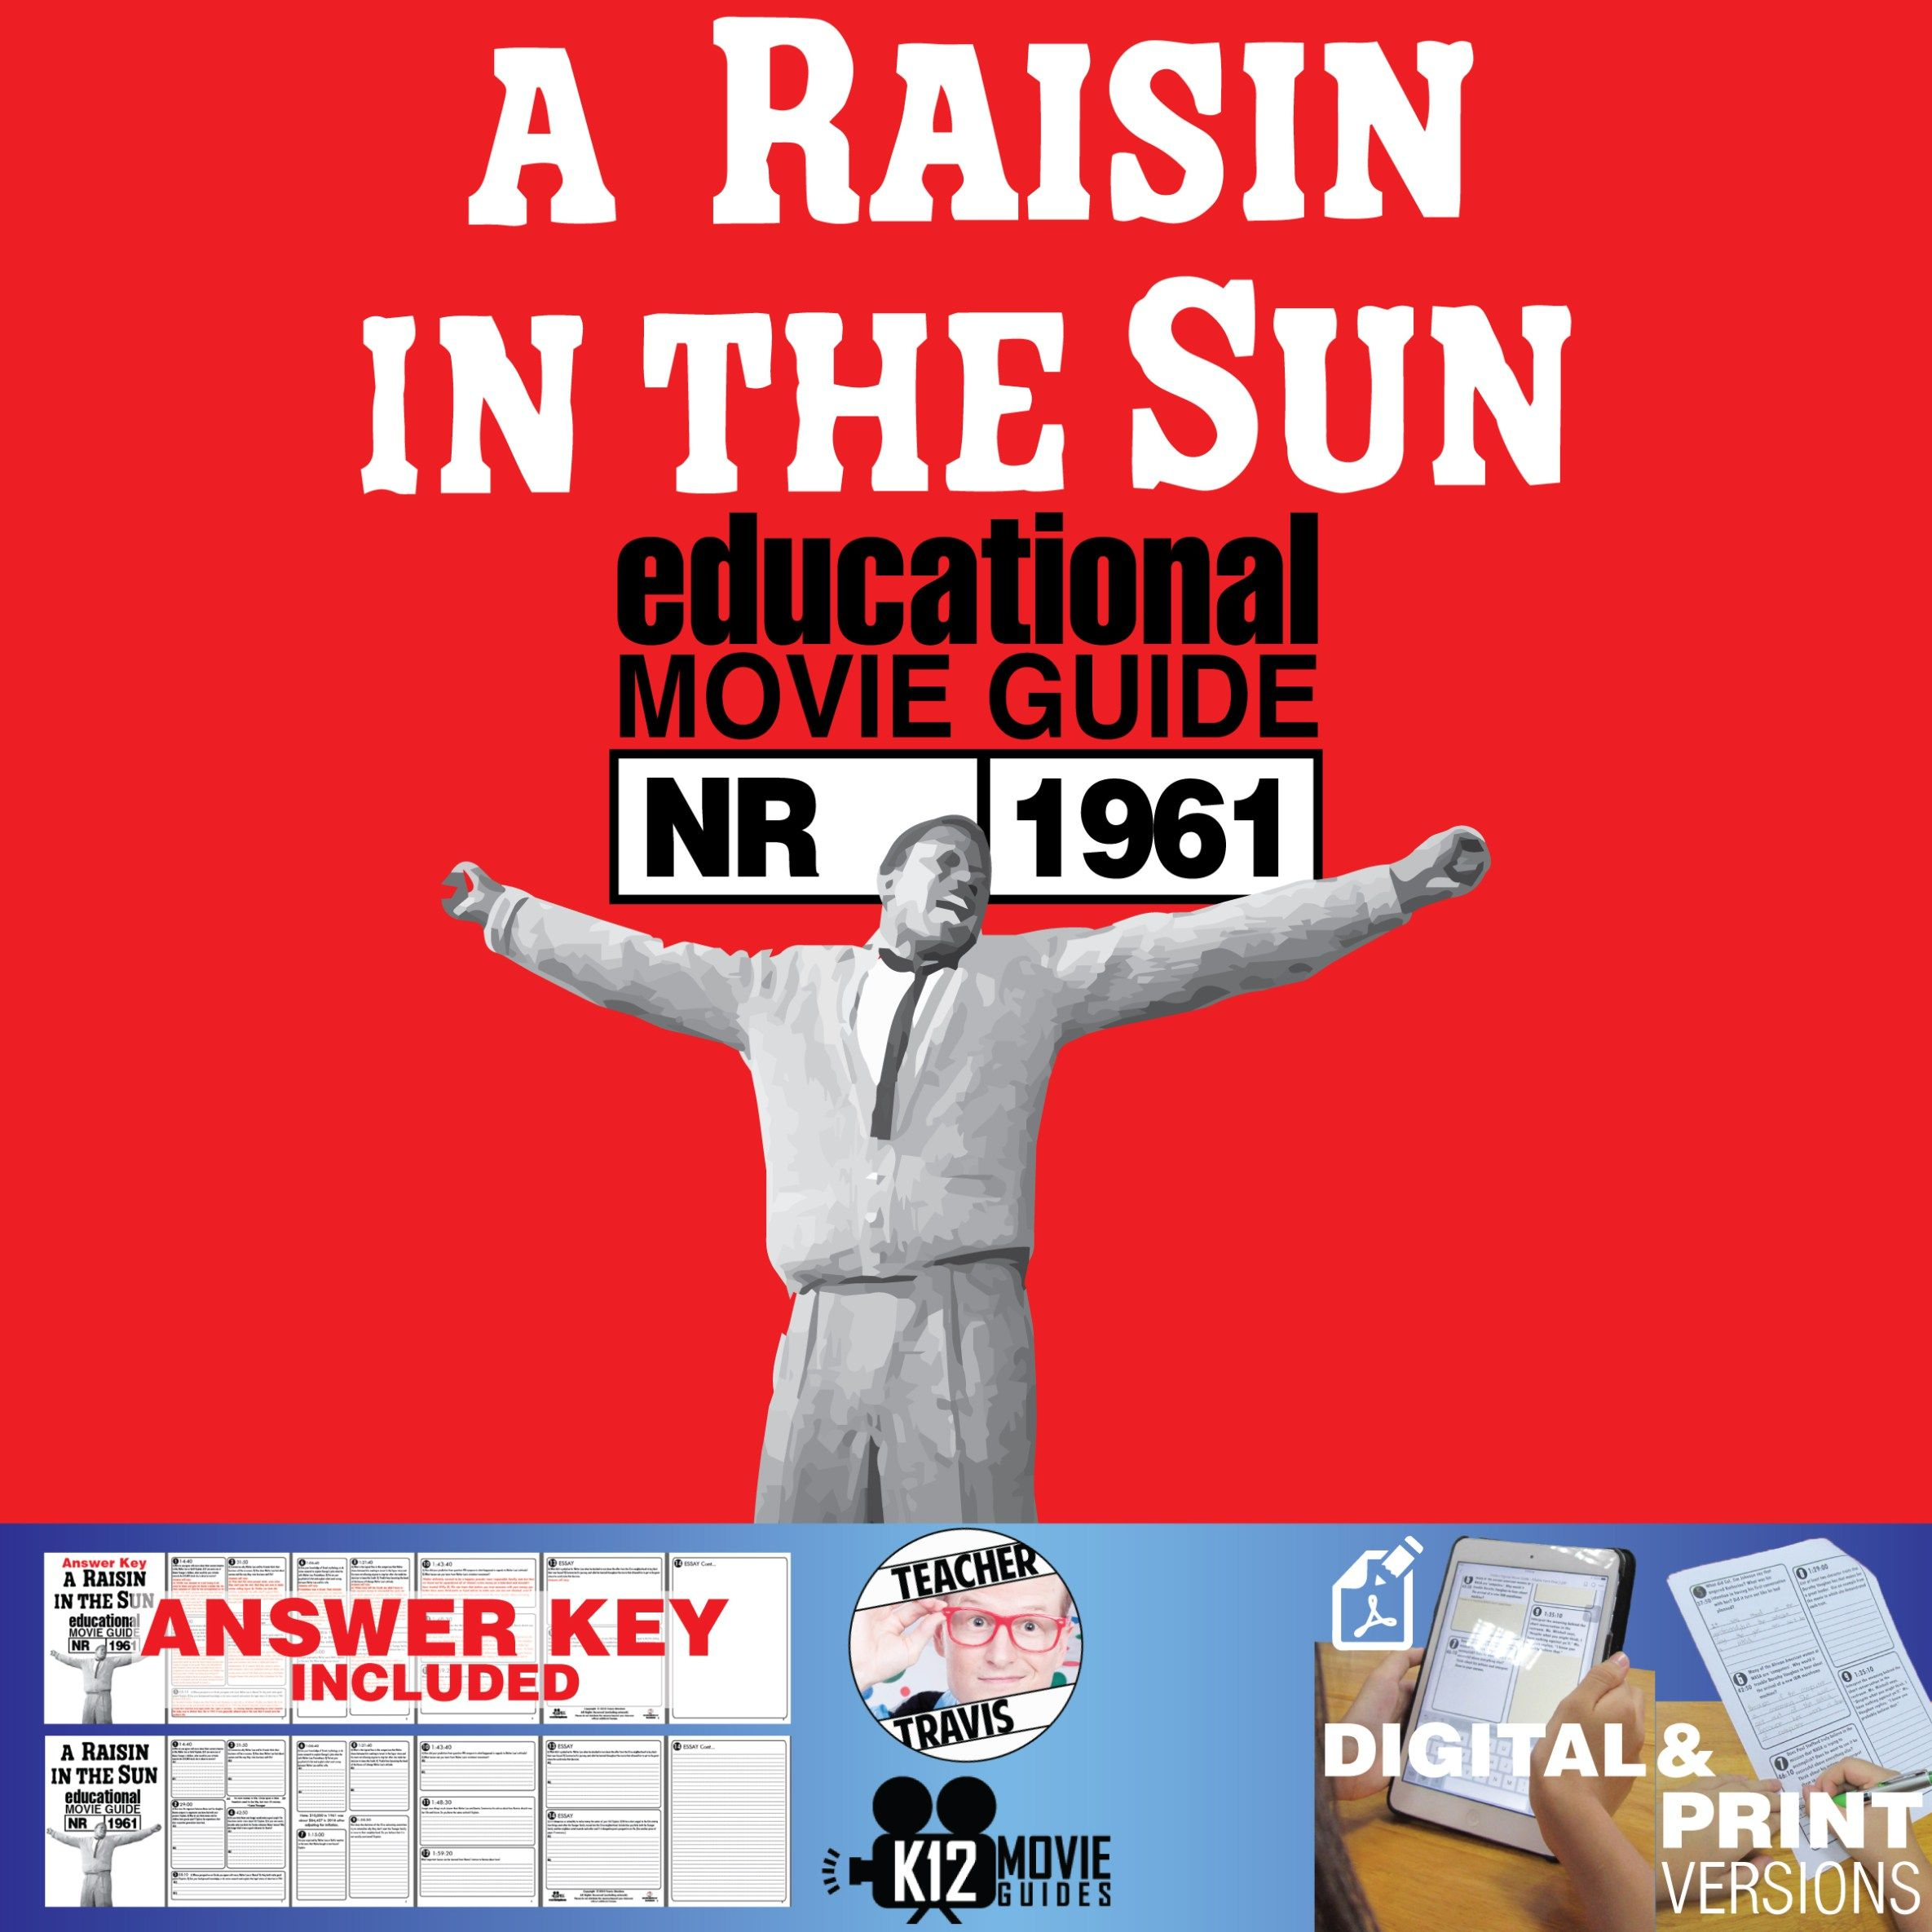 A Raisin In The Sun Movie Guide